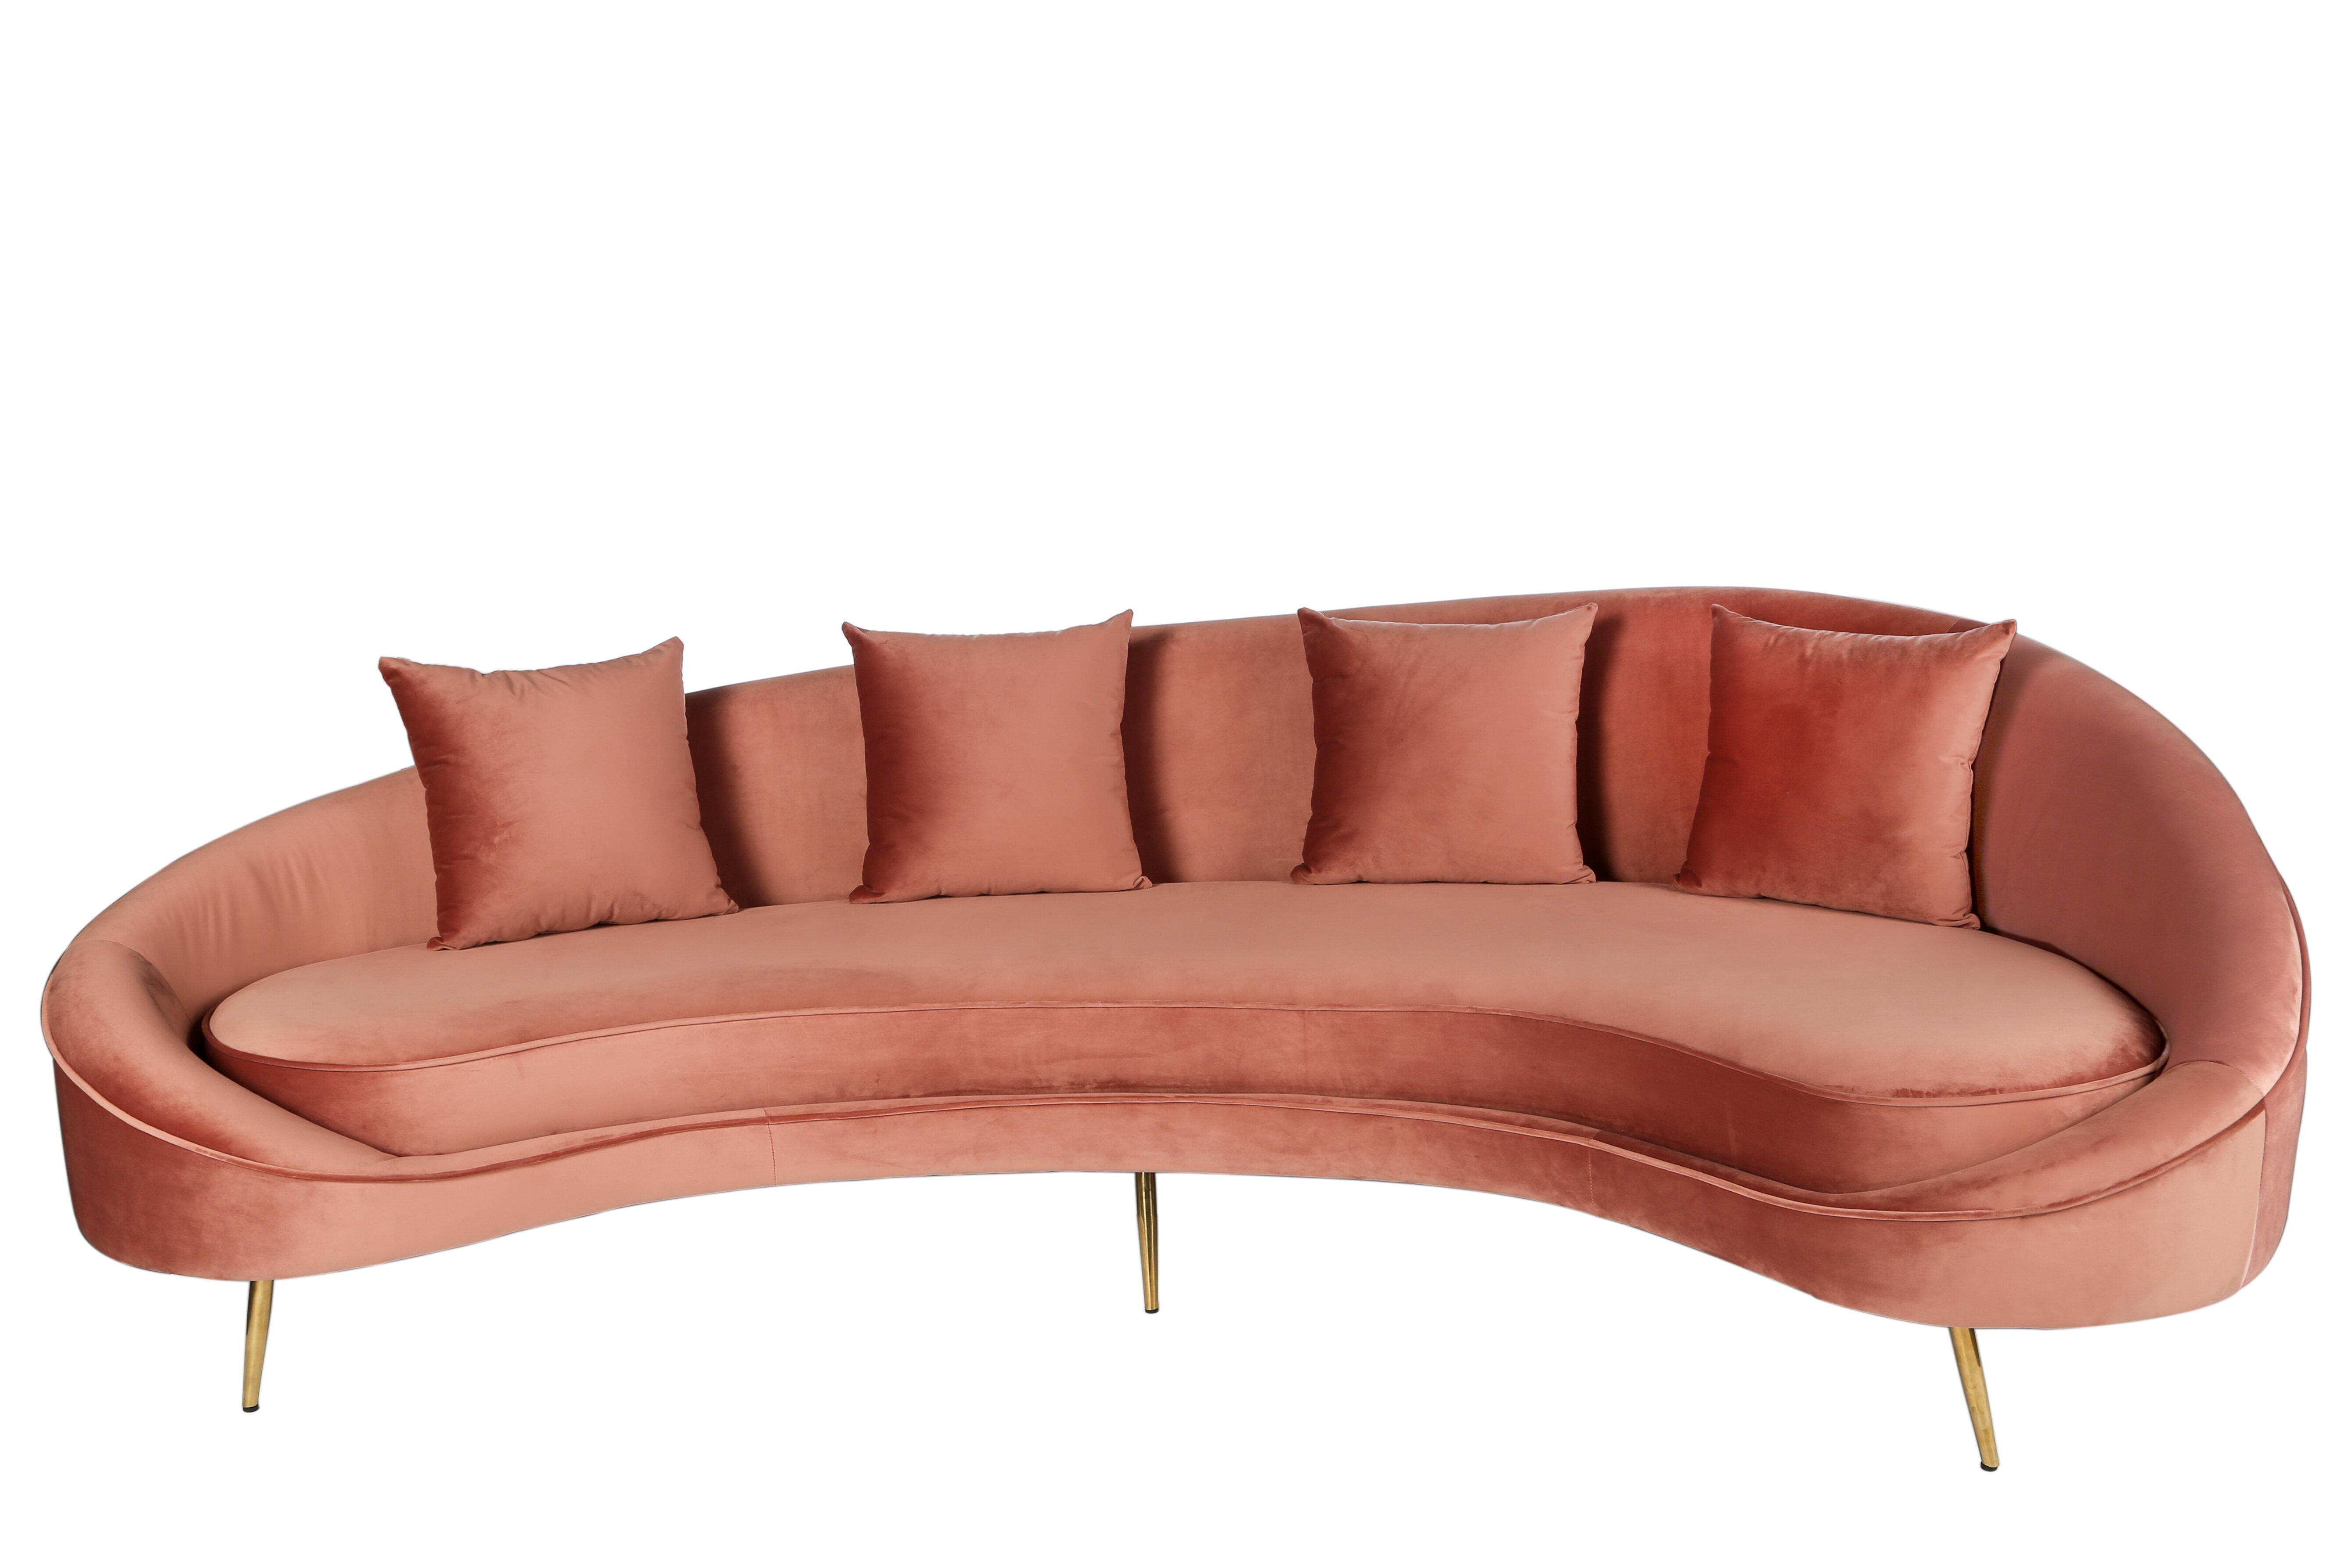 everly quinn hadriana velvet curved 101 armless sofa eyqn5607